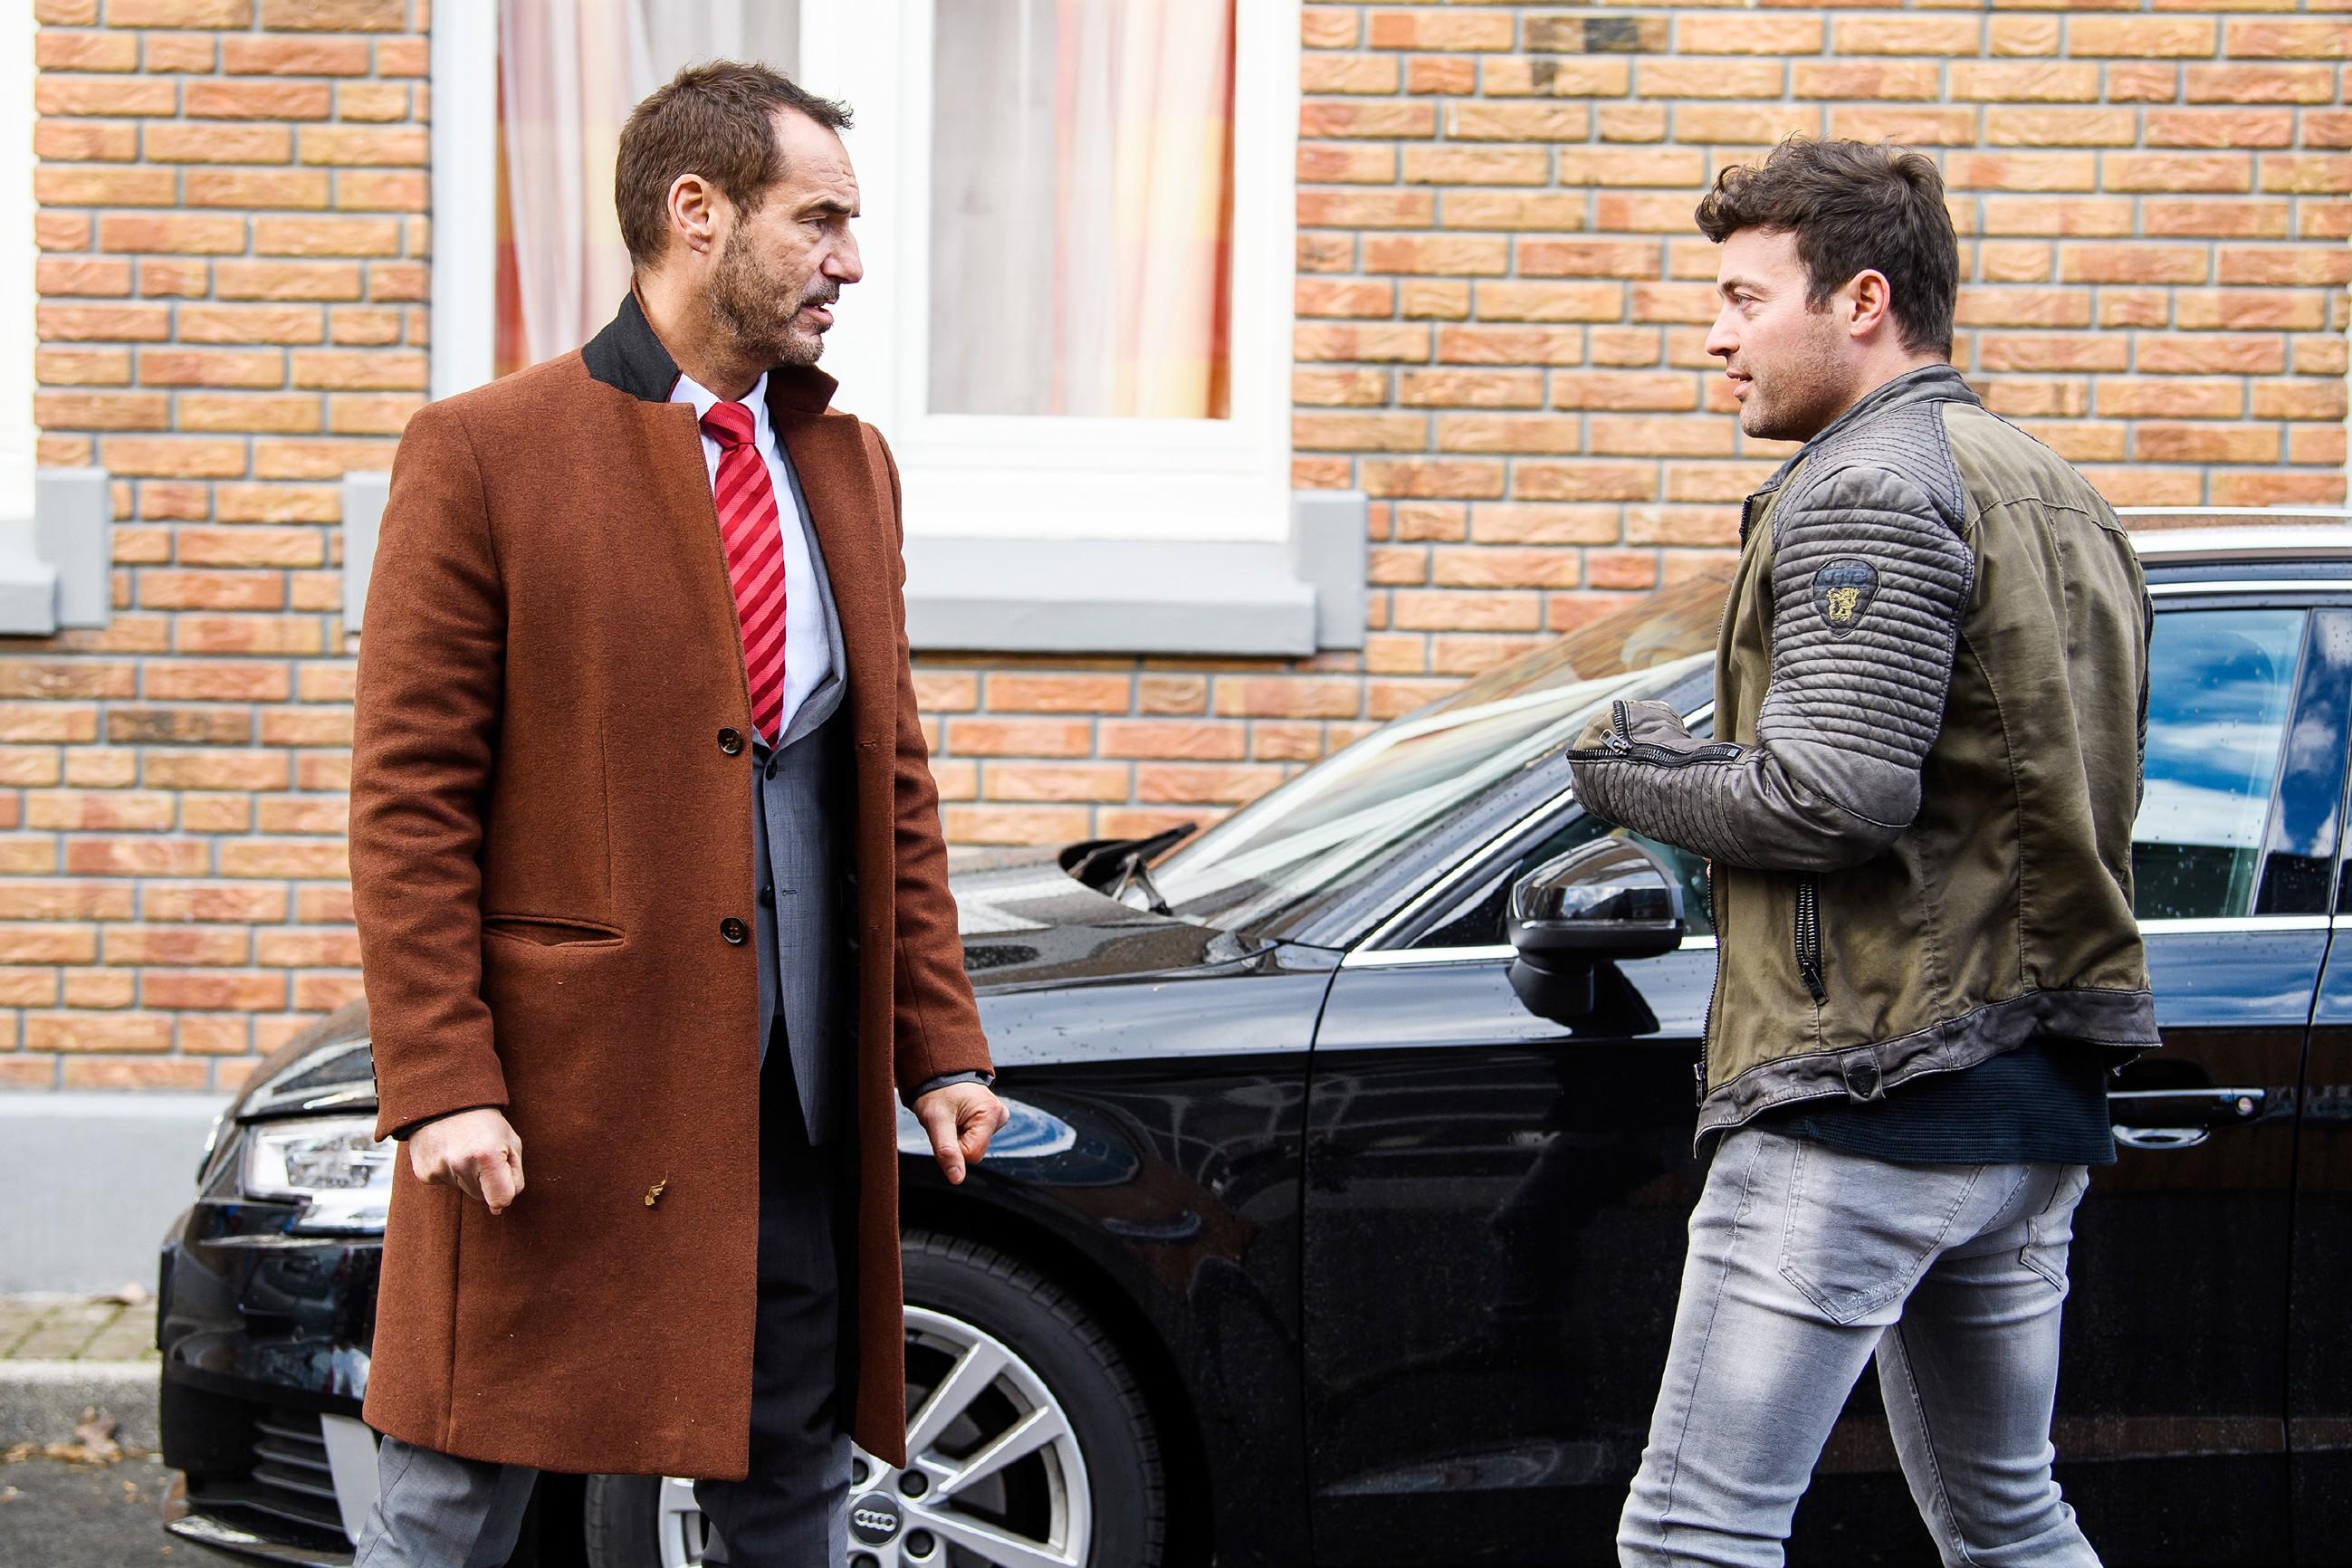 Bens (Jörg Rohde) angestaute Wut entlädt sich an Richard (Silvan-Pierre Leirich), der in Bens Augen die Schuld für die geplatzte Hochzeit trägt...